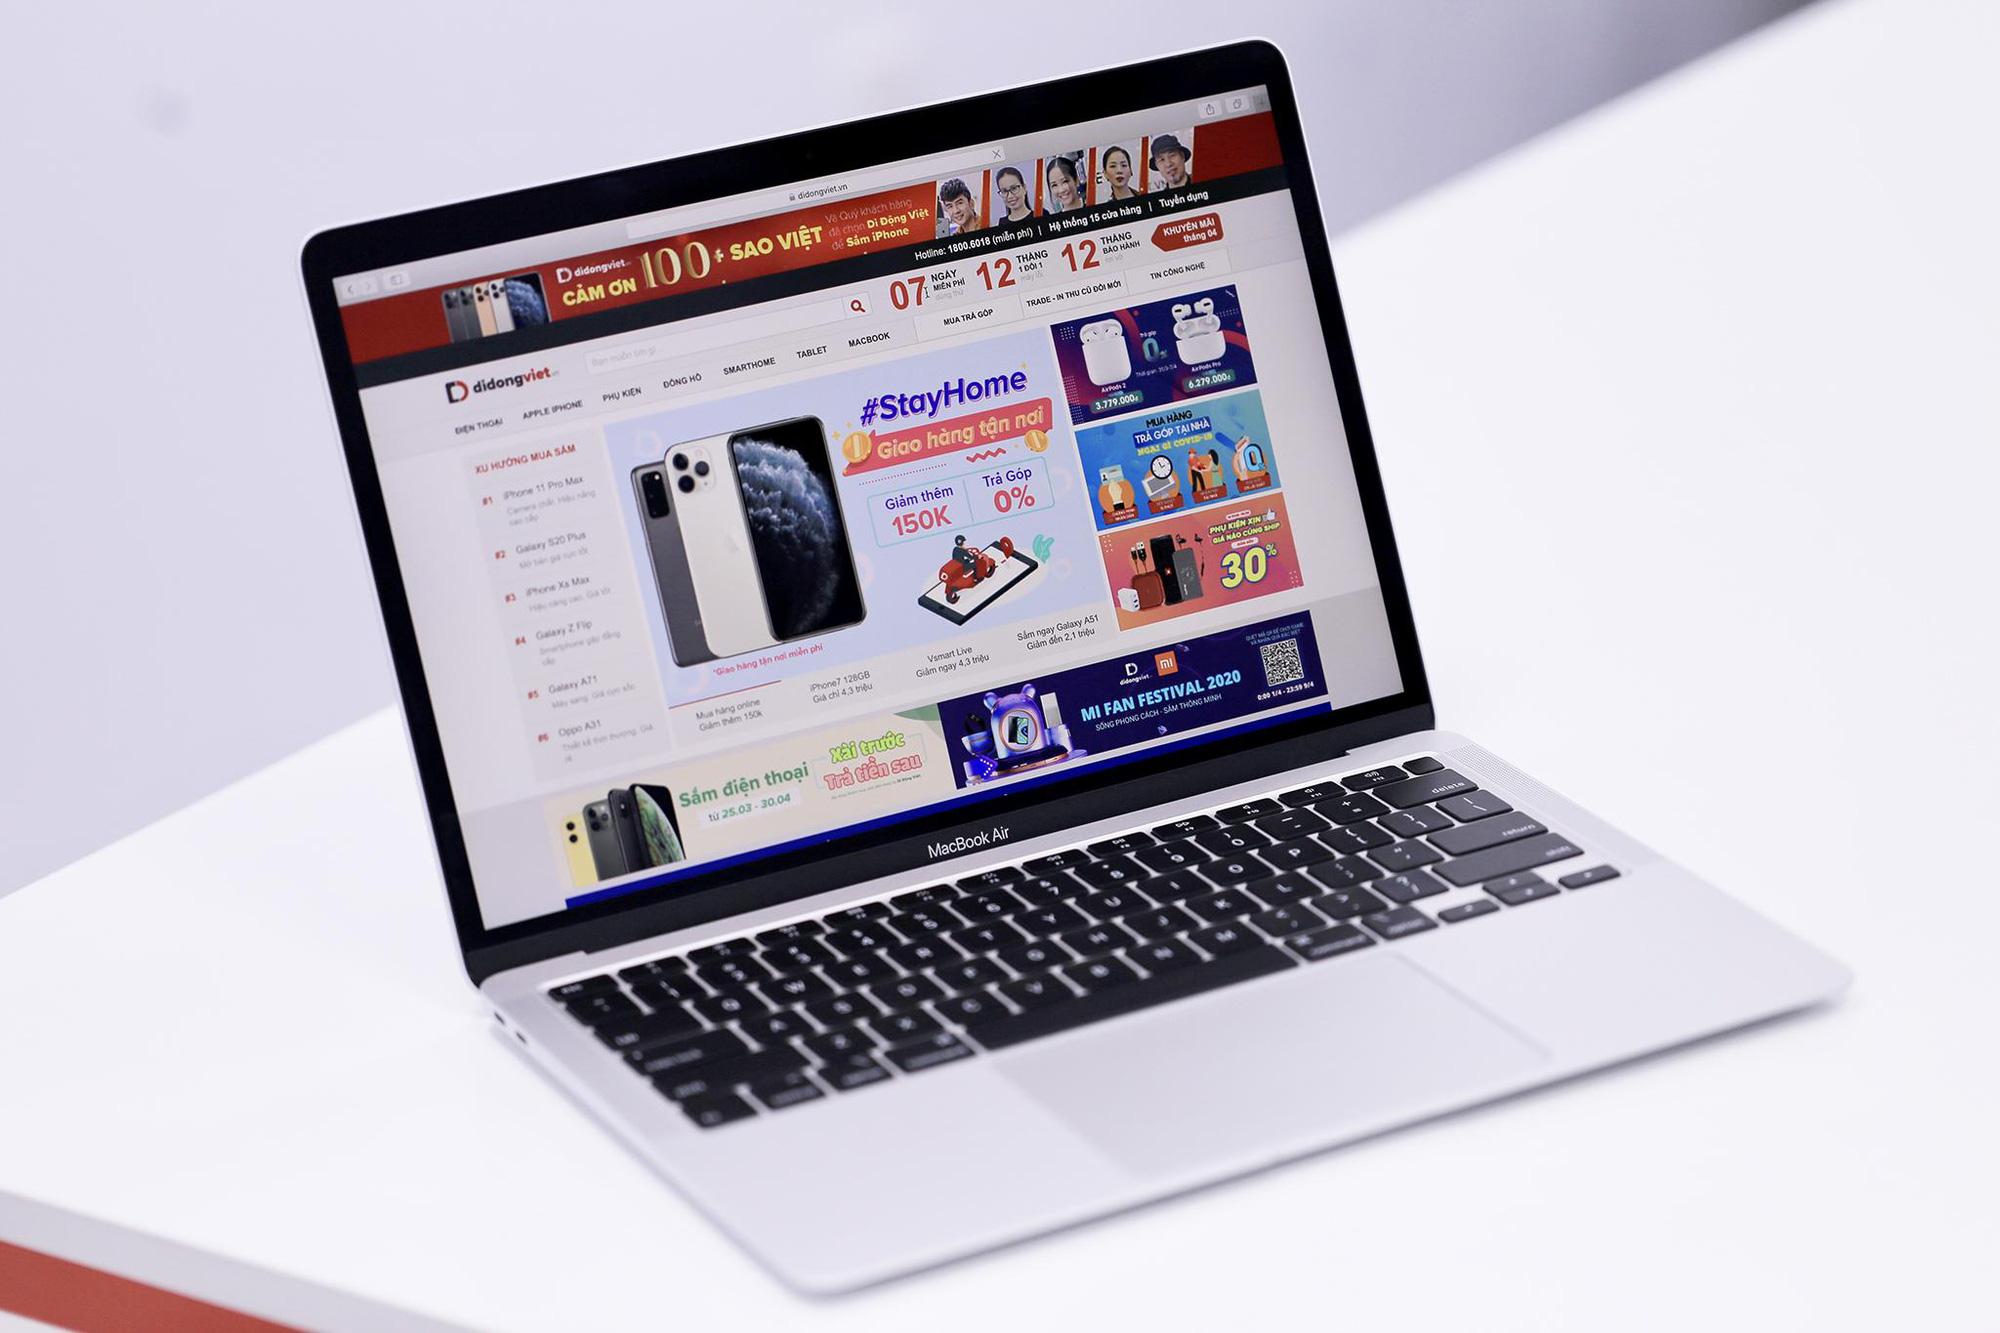 Cận cảnh Macbook Air 2020 đầu tiên có mặt Việt Nam, giá gần 28 triệu đồng - Ảnh 1.